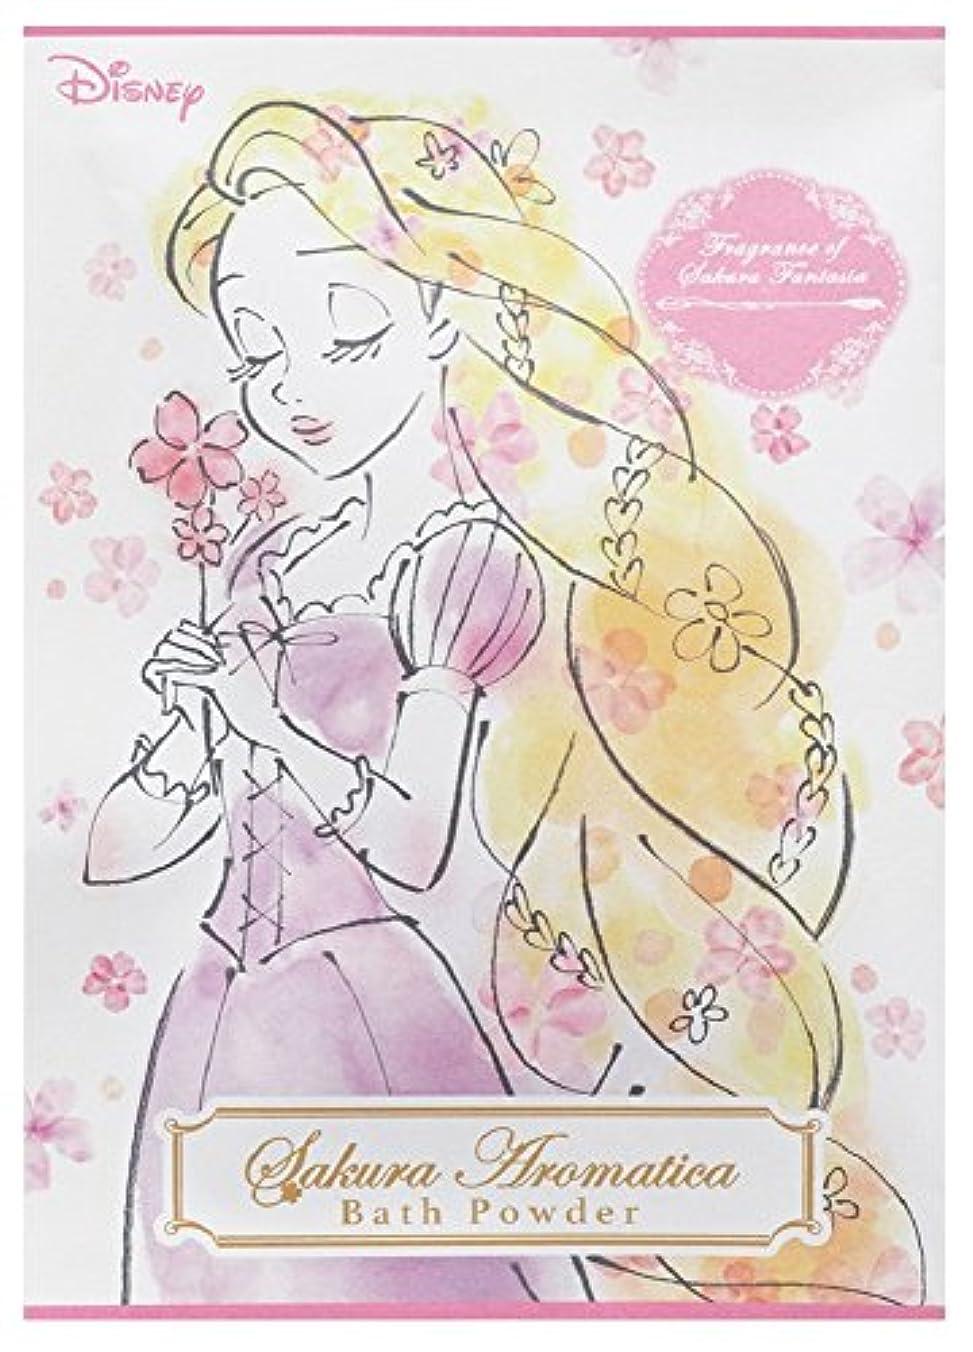 かき混ぜるリングバック寄付するディズニー 入浴剤 バスパウダー ラプンツェル サクラアロマティカ 桜の香り 40g DIT-5-02